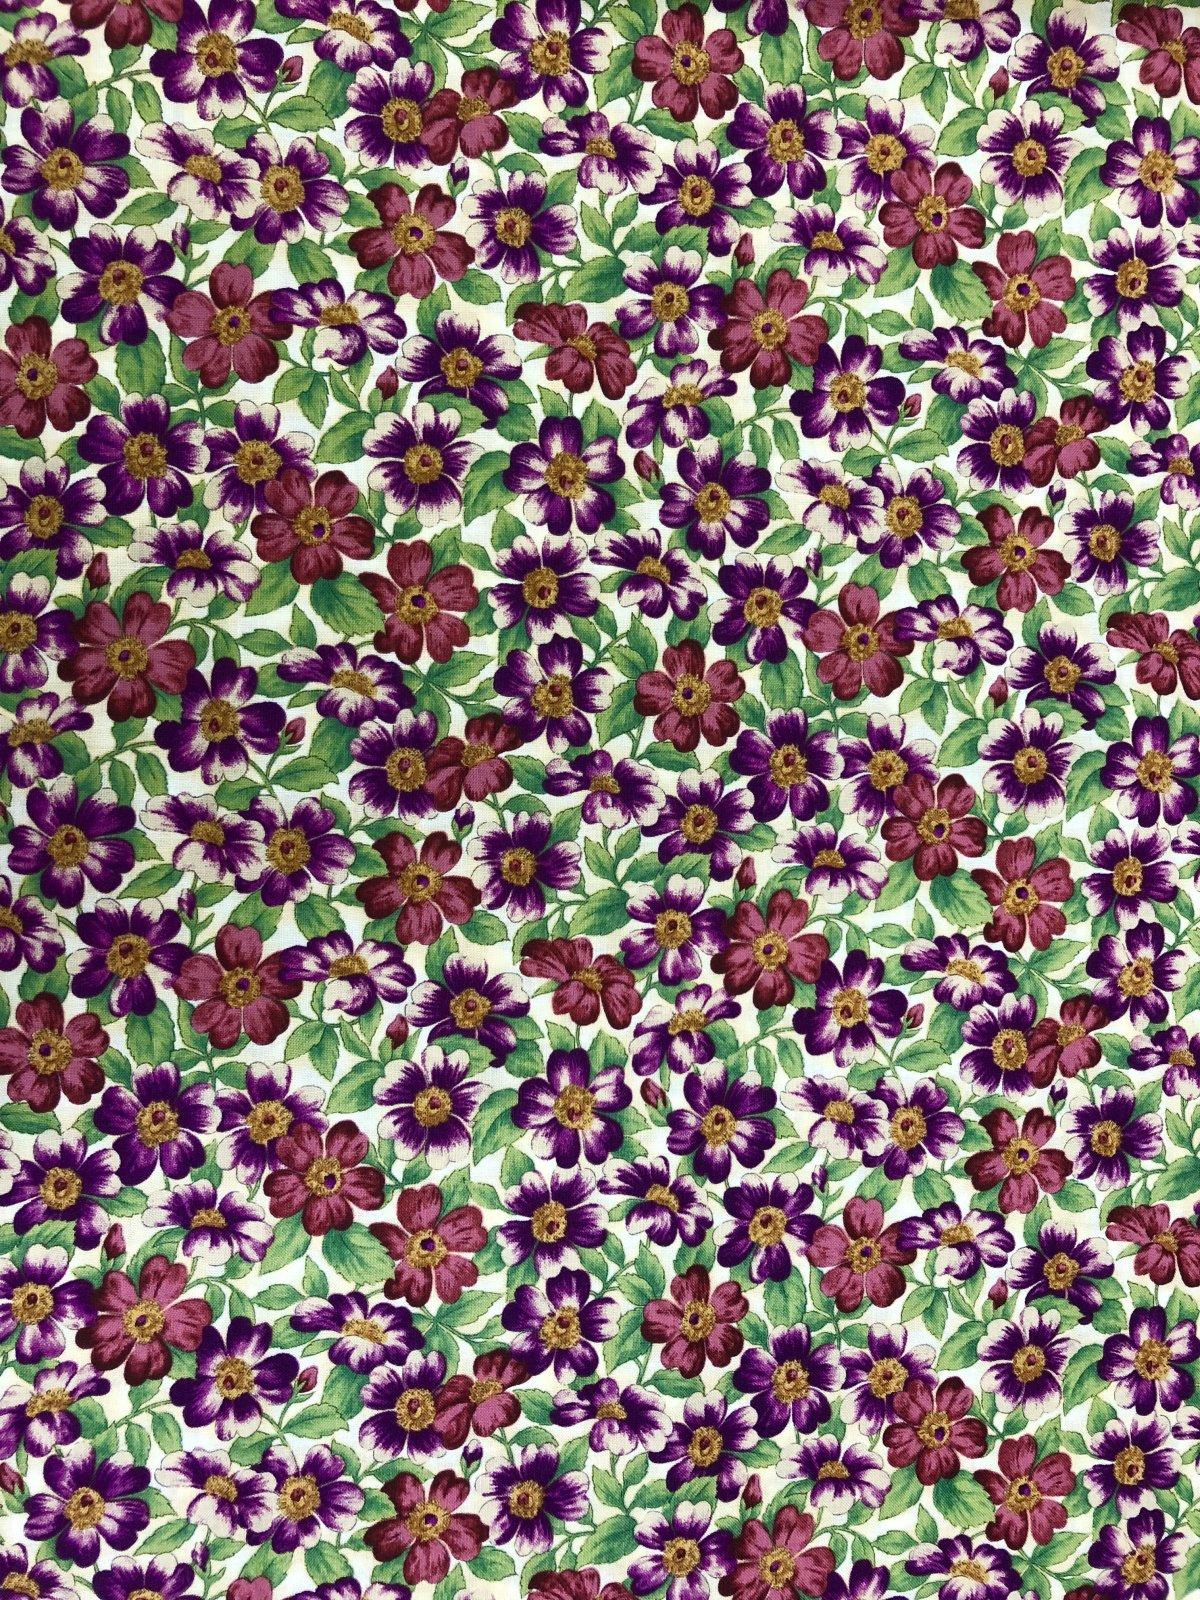 Prairie Flowers Purple/Pink